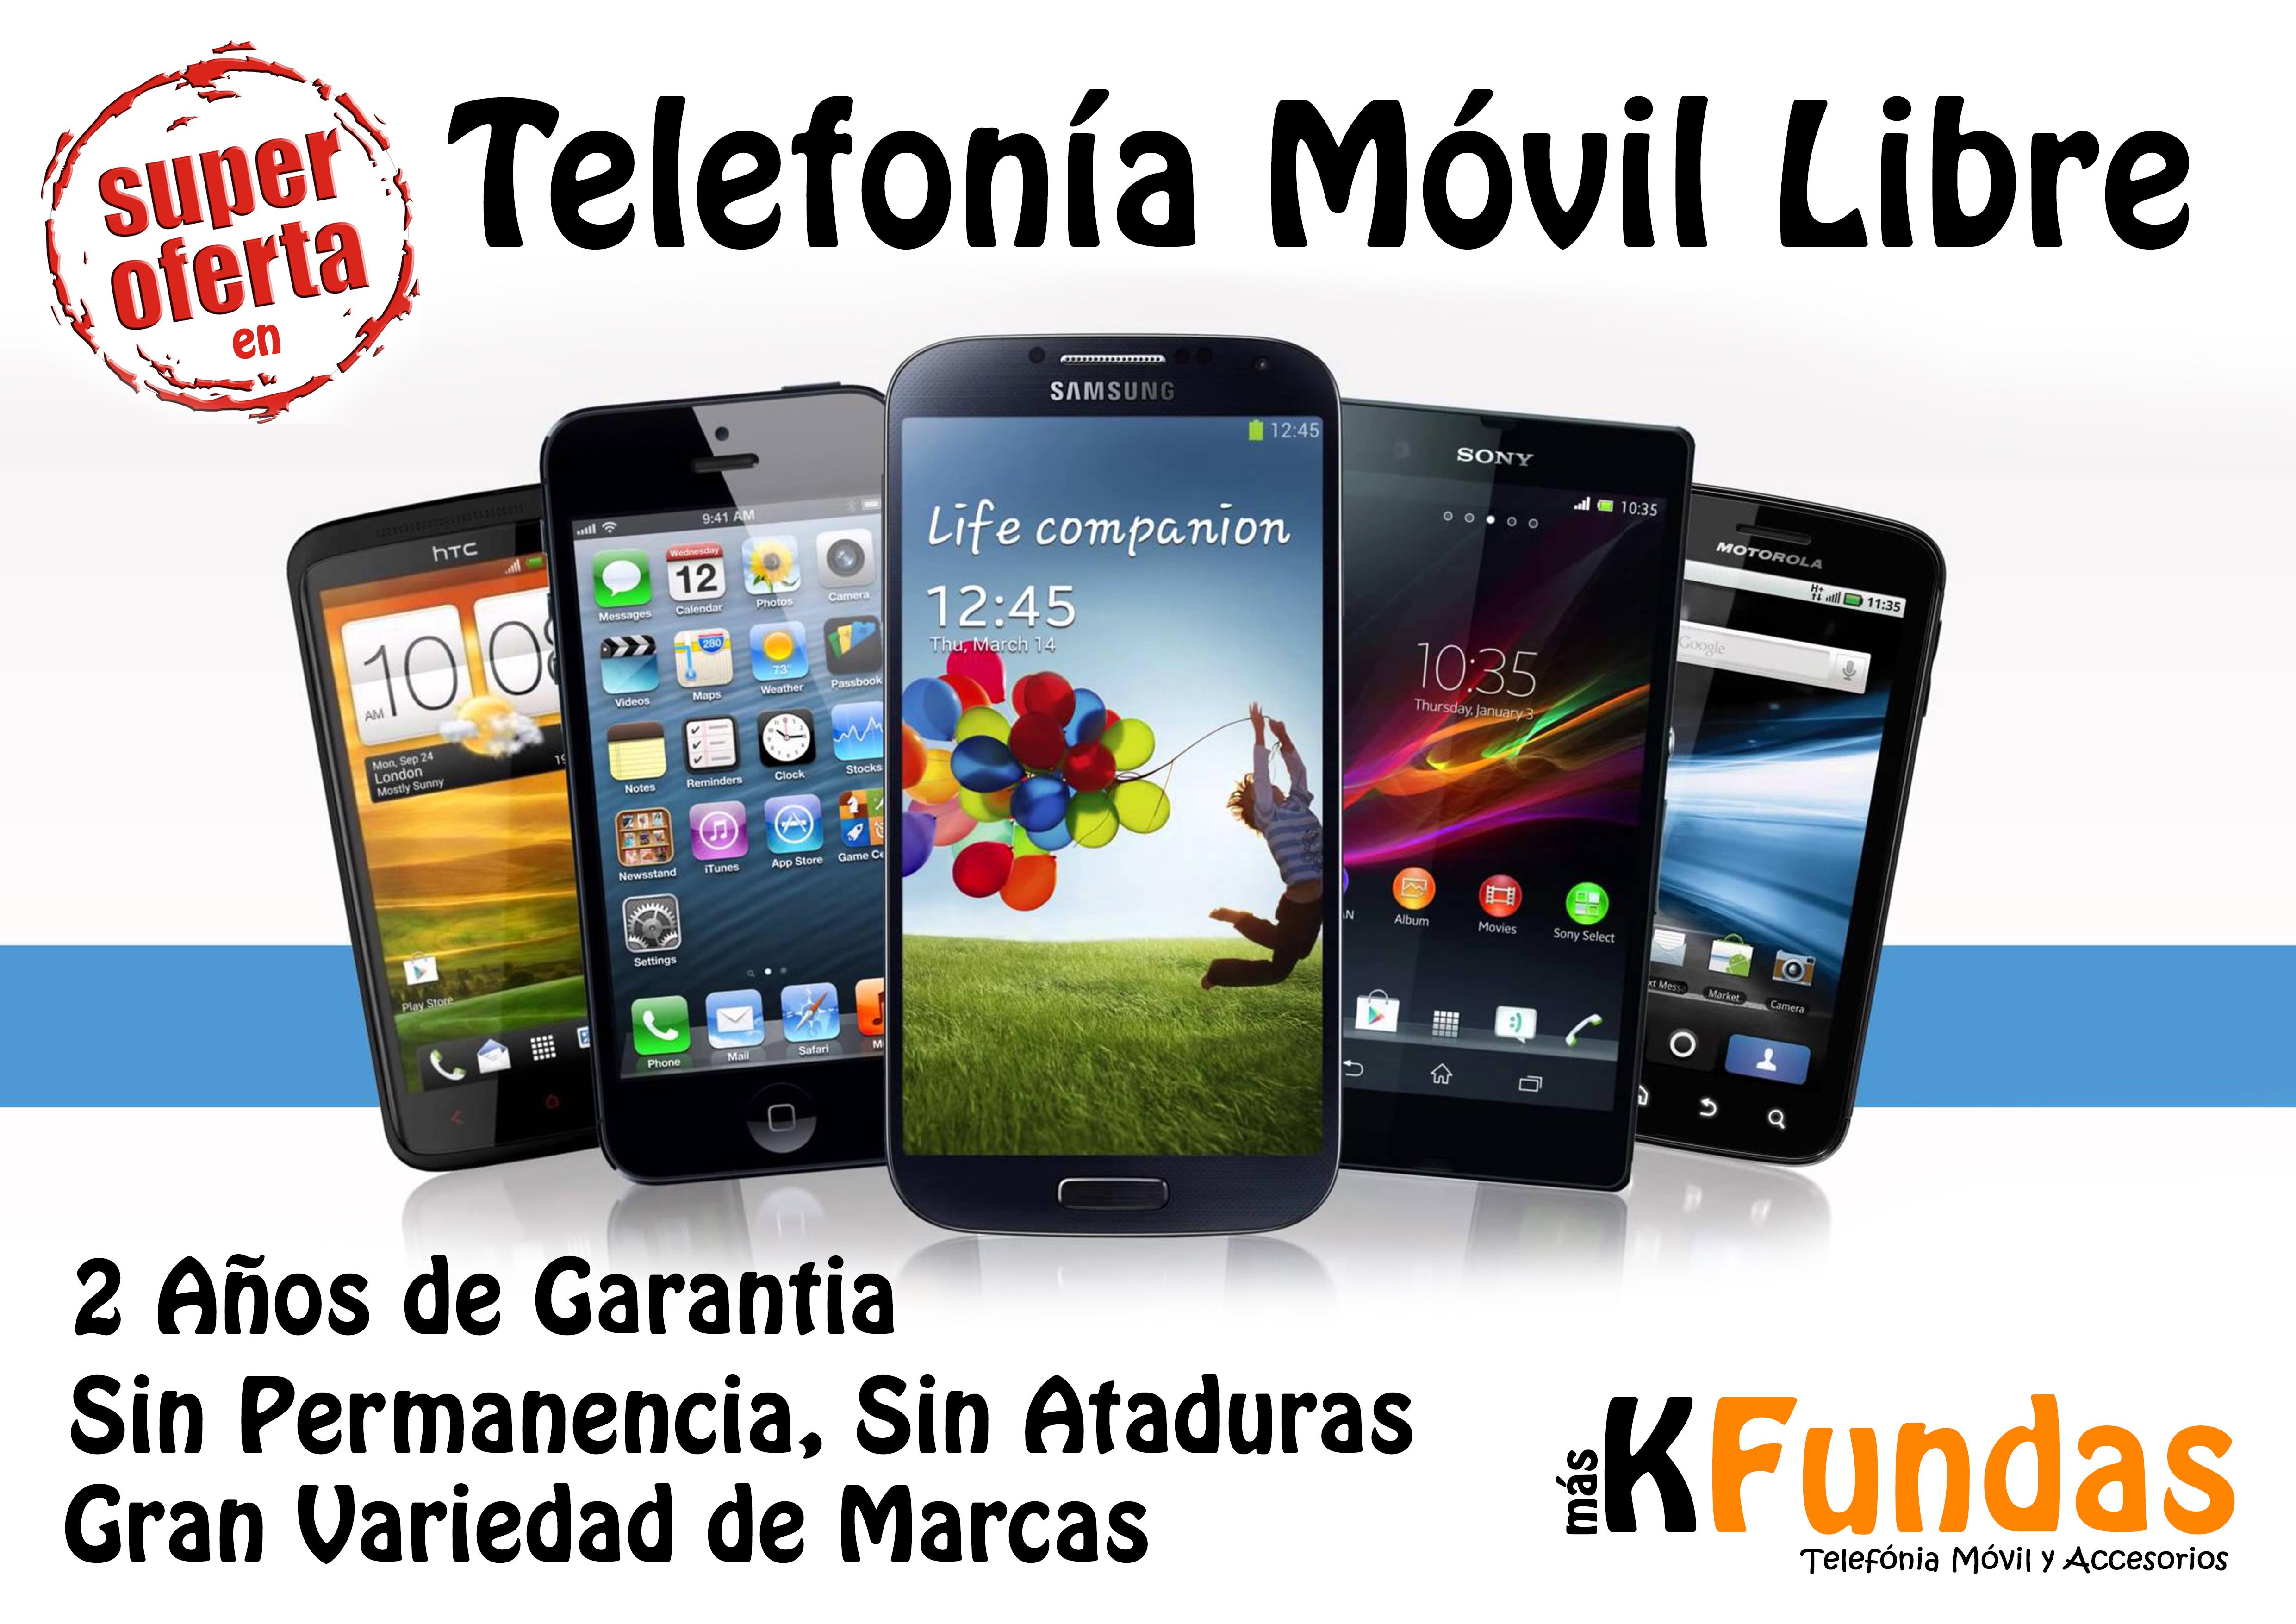 9ca9bc62b90 Oferta en Telefonía Móvil Libre - MásKFundas Plasencia y Navalmoral ...